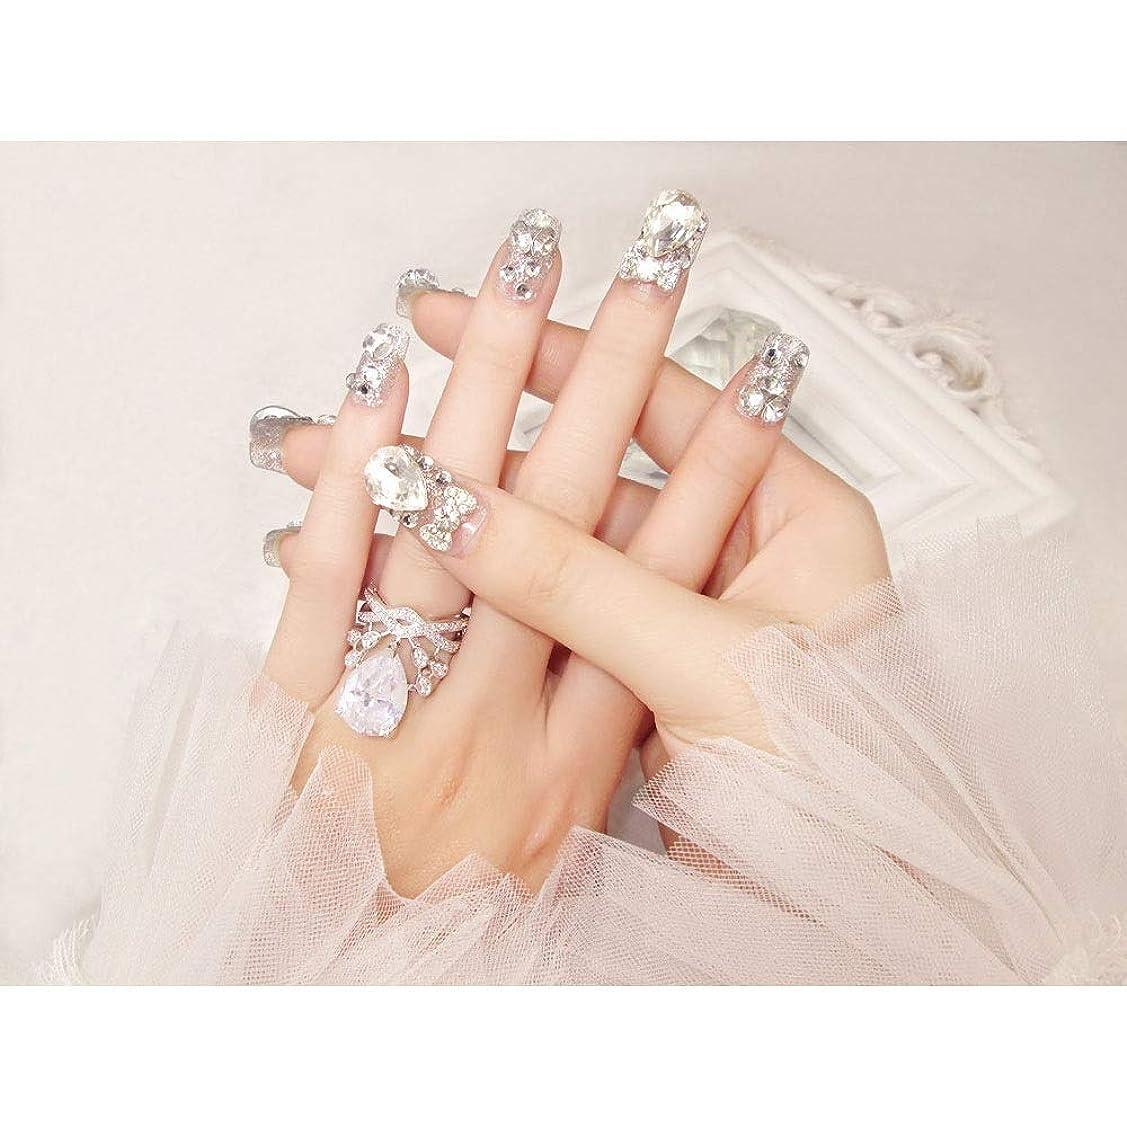 症候群謙虚警察署BOBIDYEE 完成した偽の釘24ピース箱入り花嫁シャイニー偽の爪の宝石ダイヤモンドの宝石ブライダルネイルステッカー (色 : 24 pieces)